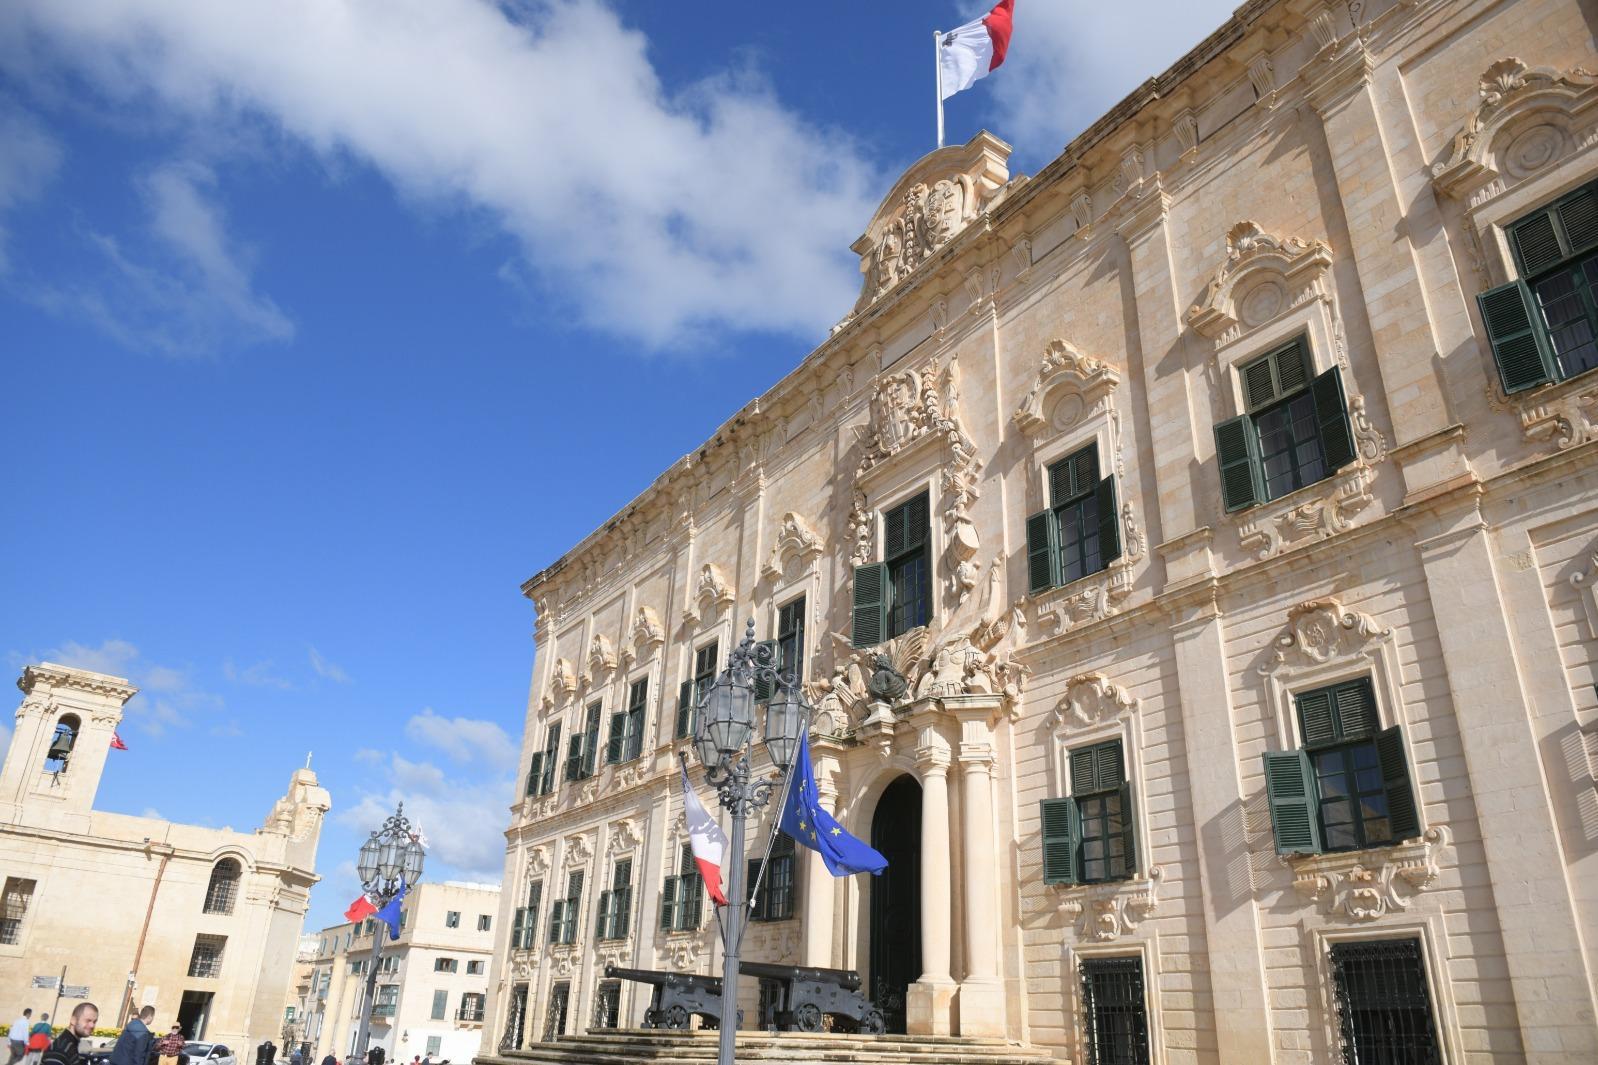 The Auberge de Castille, where Mr Gafa' worked until last month. Photo: Matthew Mirabelli